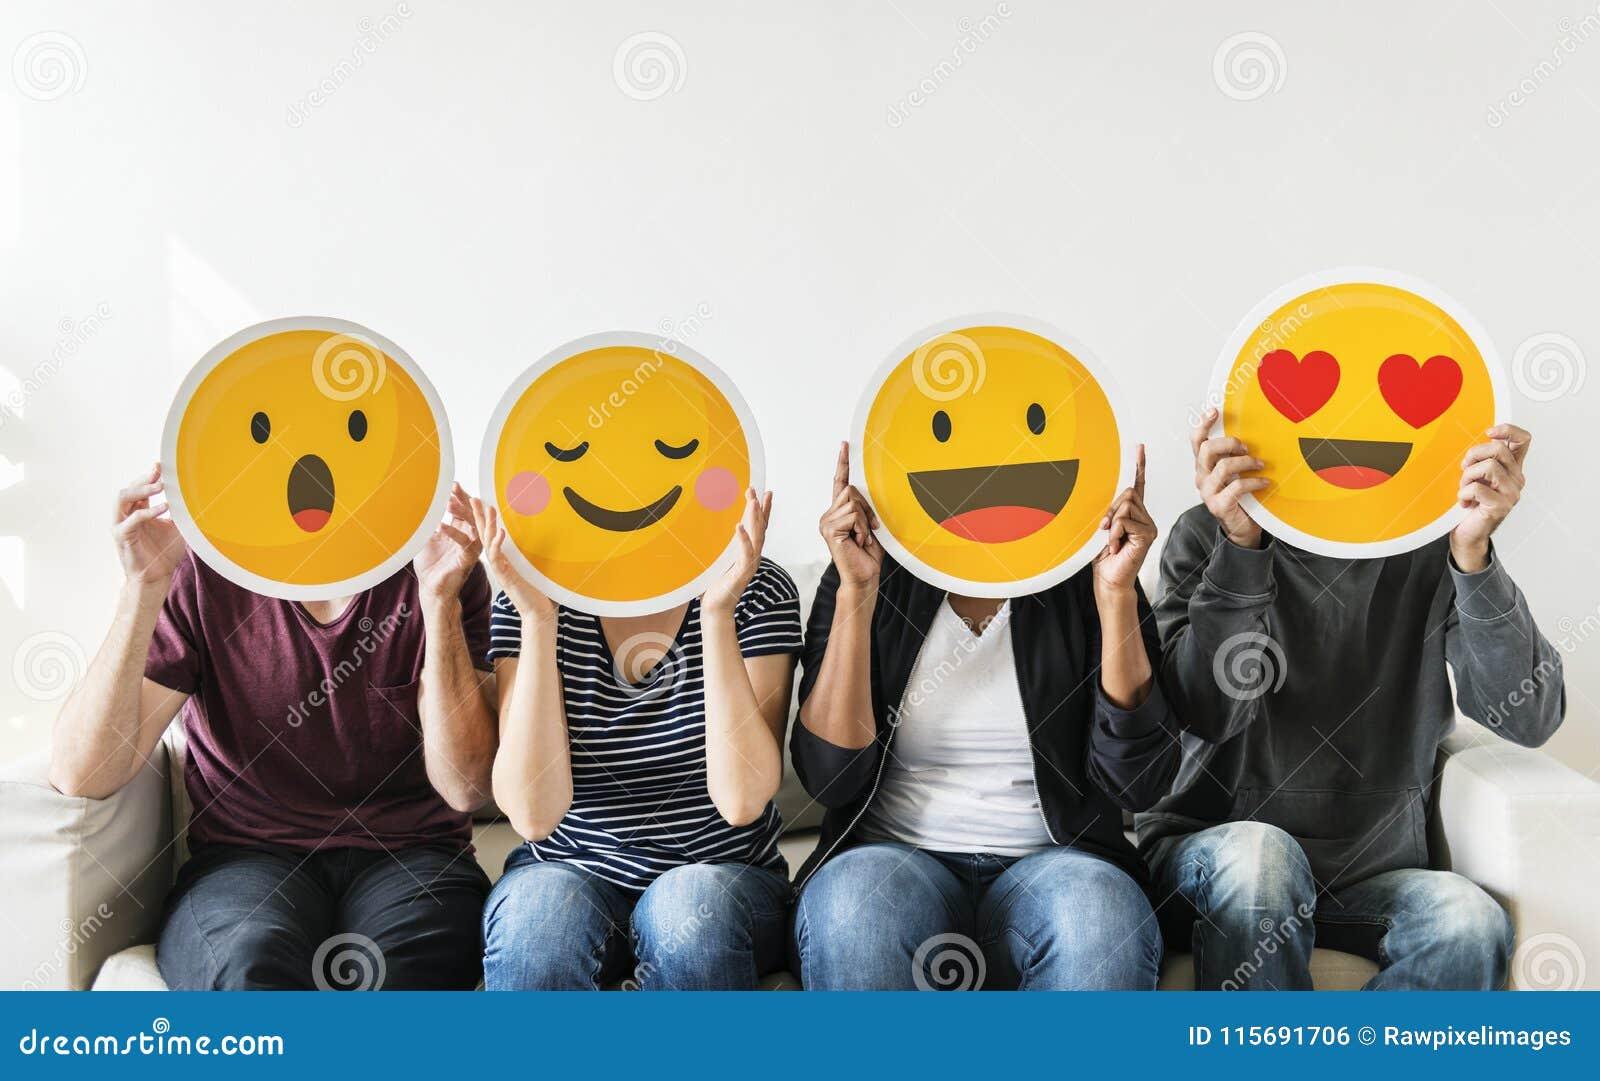 Diverse jongeren die emoticon houden